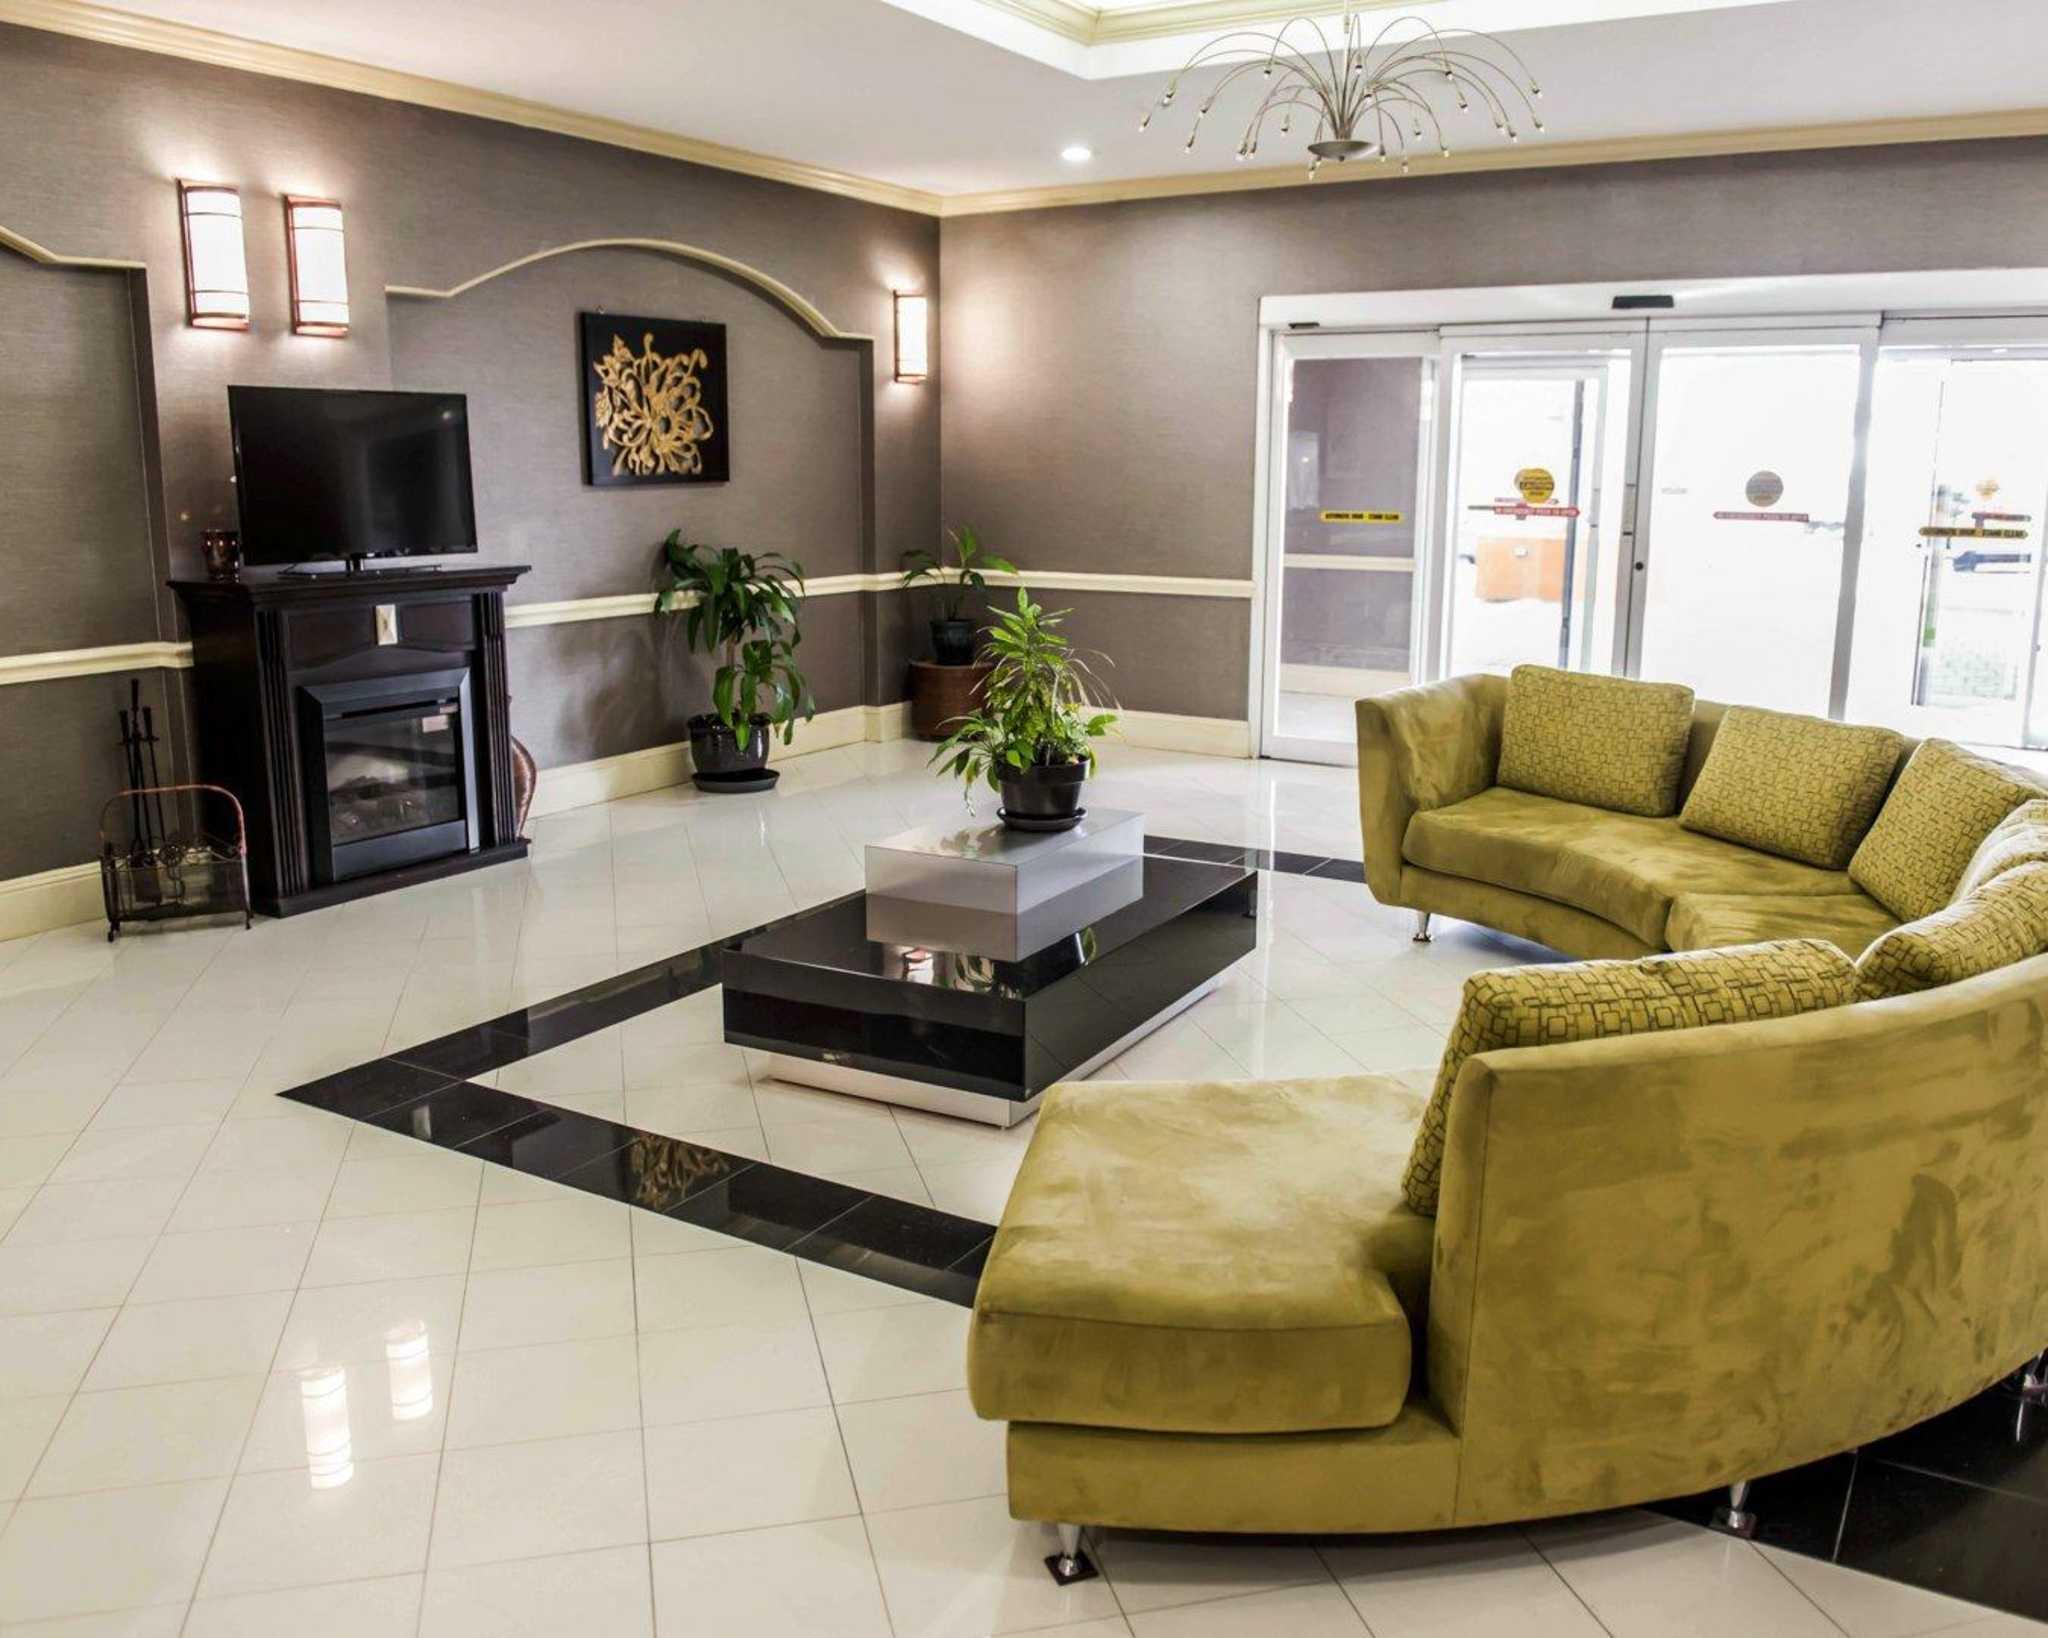 Comfort Inn & Suites Marianna I-10 image 22